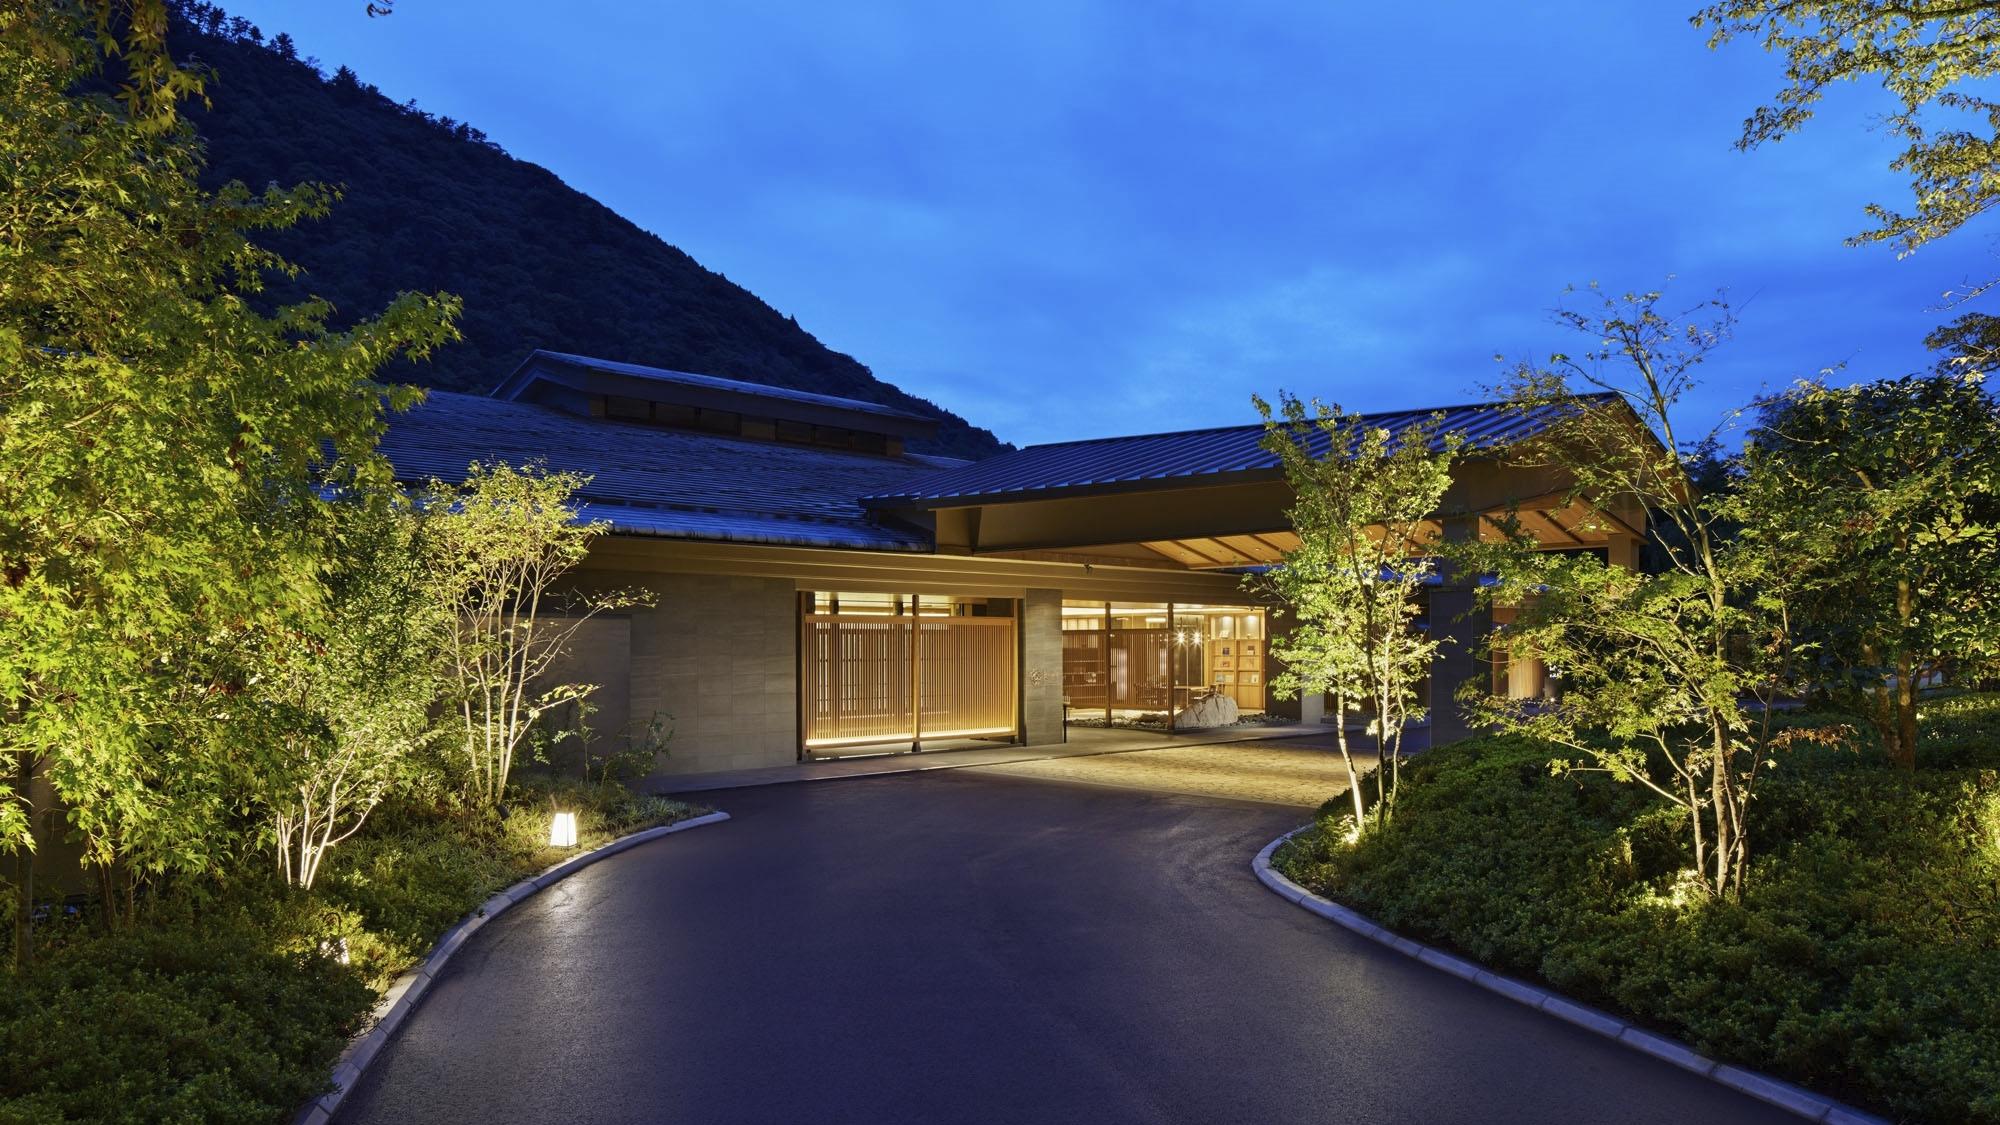 箱根温泉に癒しの旅に出ます。エステを利用できるホテルはありますか?